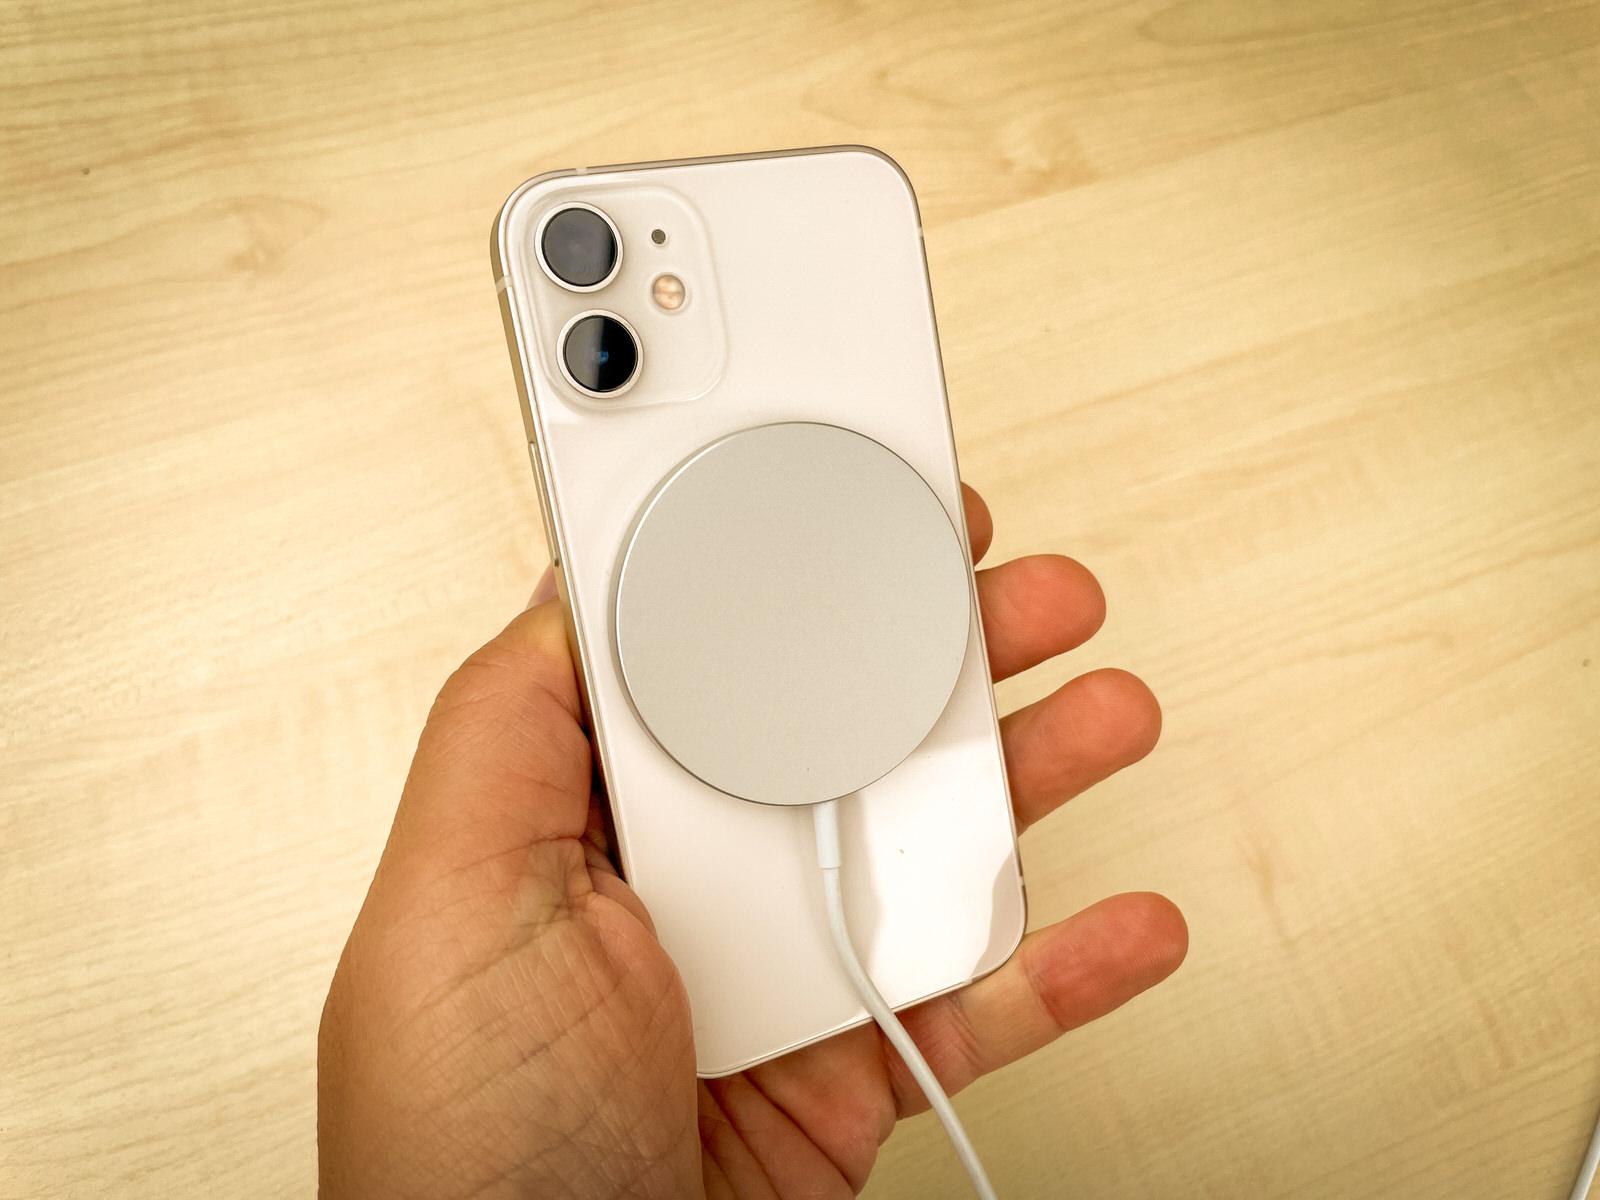 Apple lavora per risolvere i problemi di ricarica wireless di iPhone 12 - Macitynet.it